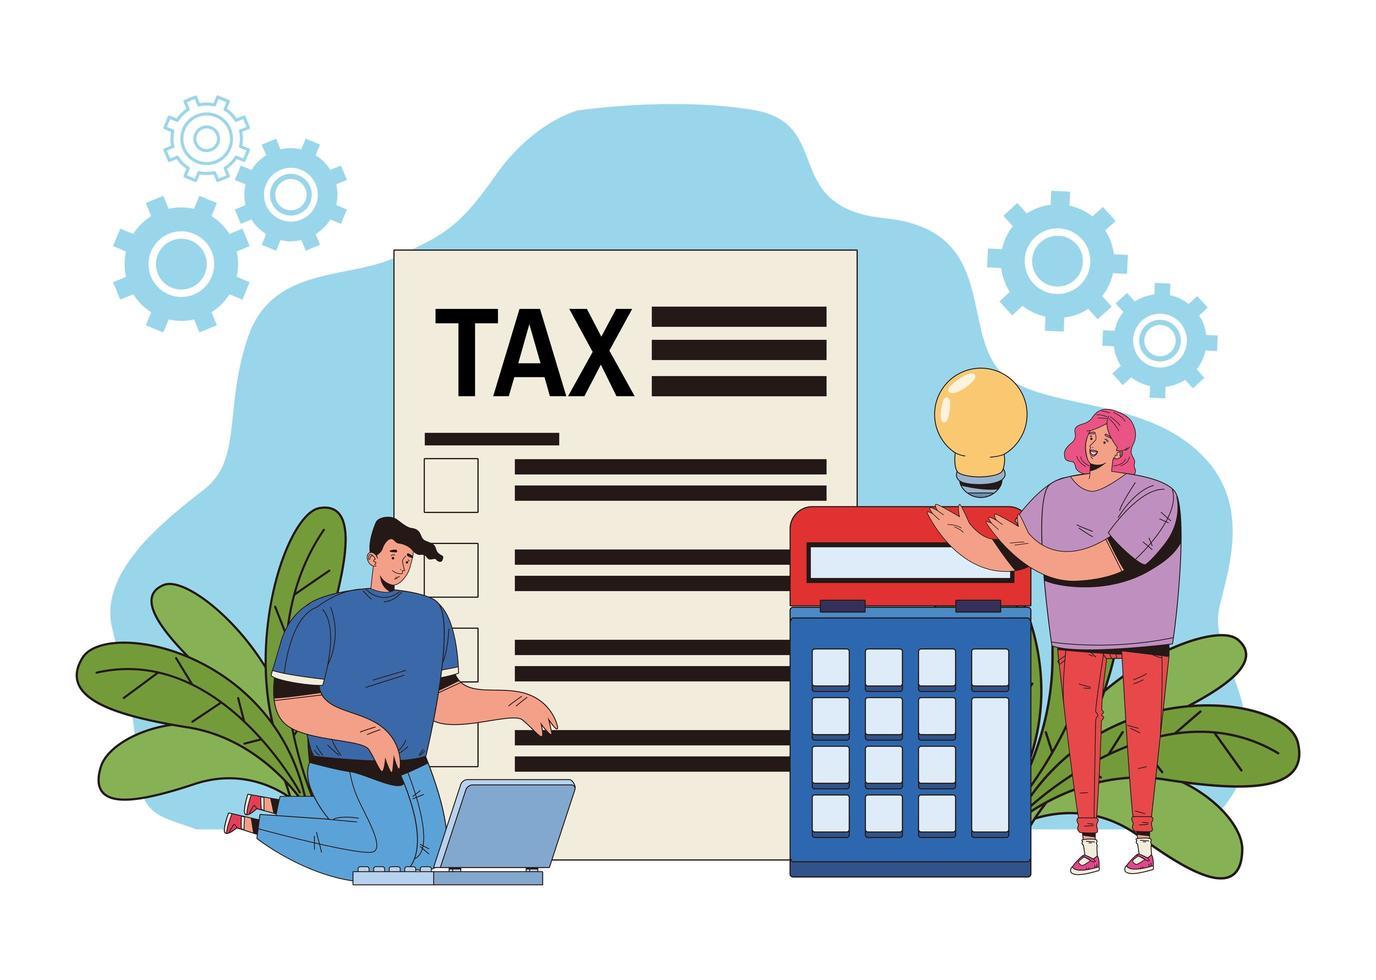 concept de paiement d & # 39; impôt avec des personnes et une calculatrice vecteur